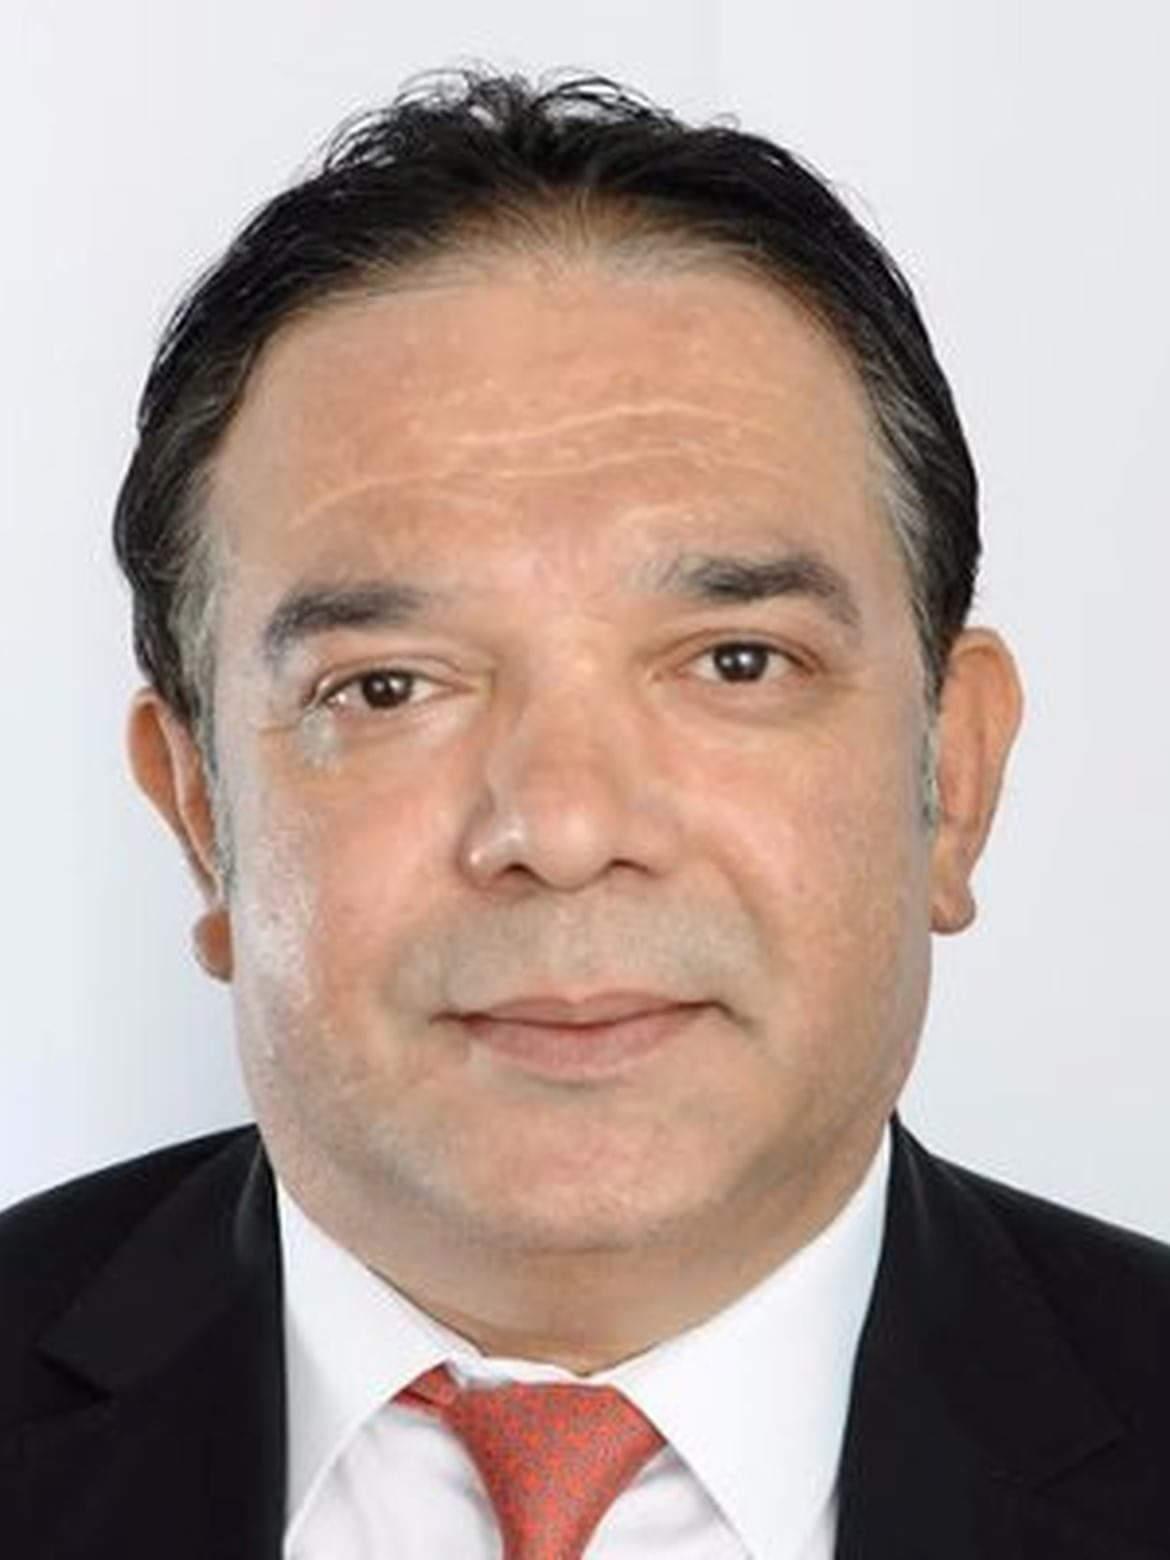 Dr. Shaddad Attili